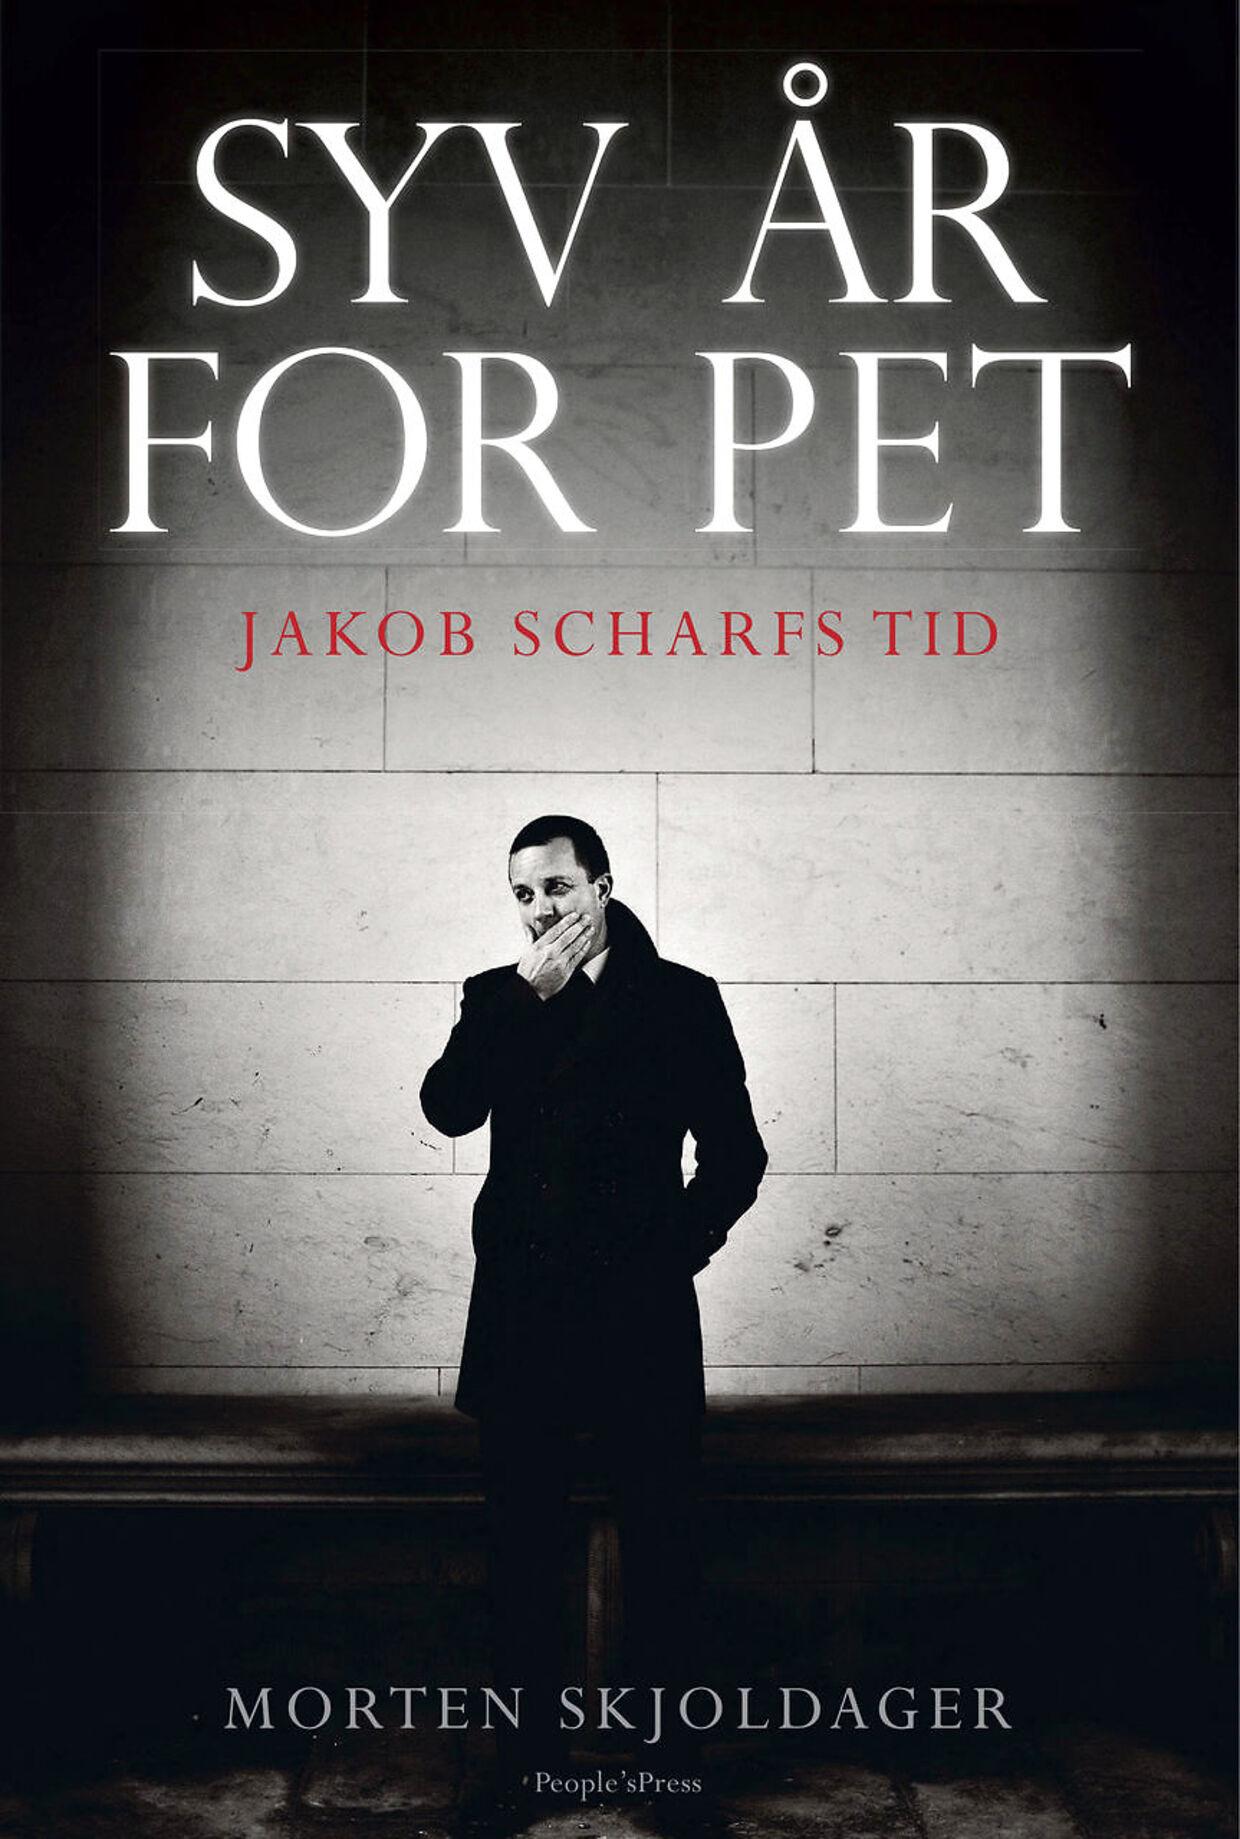 """Der er afsat retsdage i straffesagen mod tidligere PET-chef Jakob Scharf. Han er anklaget for at bryde sin tavshedspligt i bogen """"Syv år for PET"""". (Foto: People Press/Ritzau Scanpix)"""